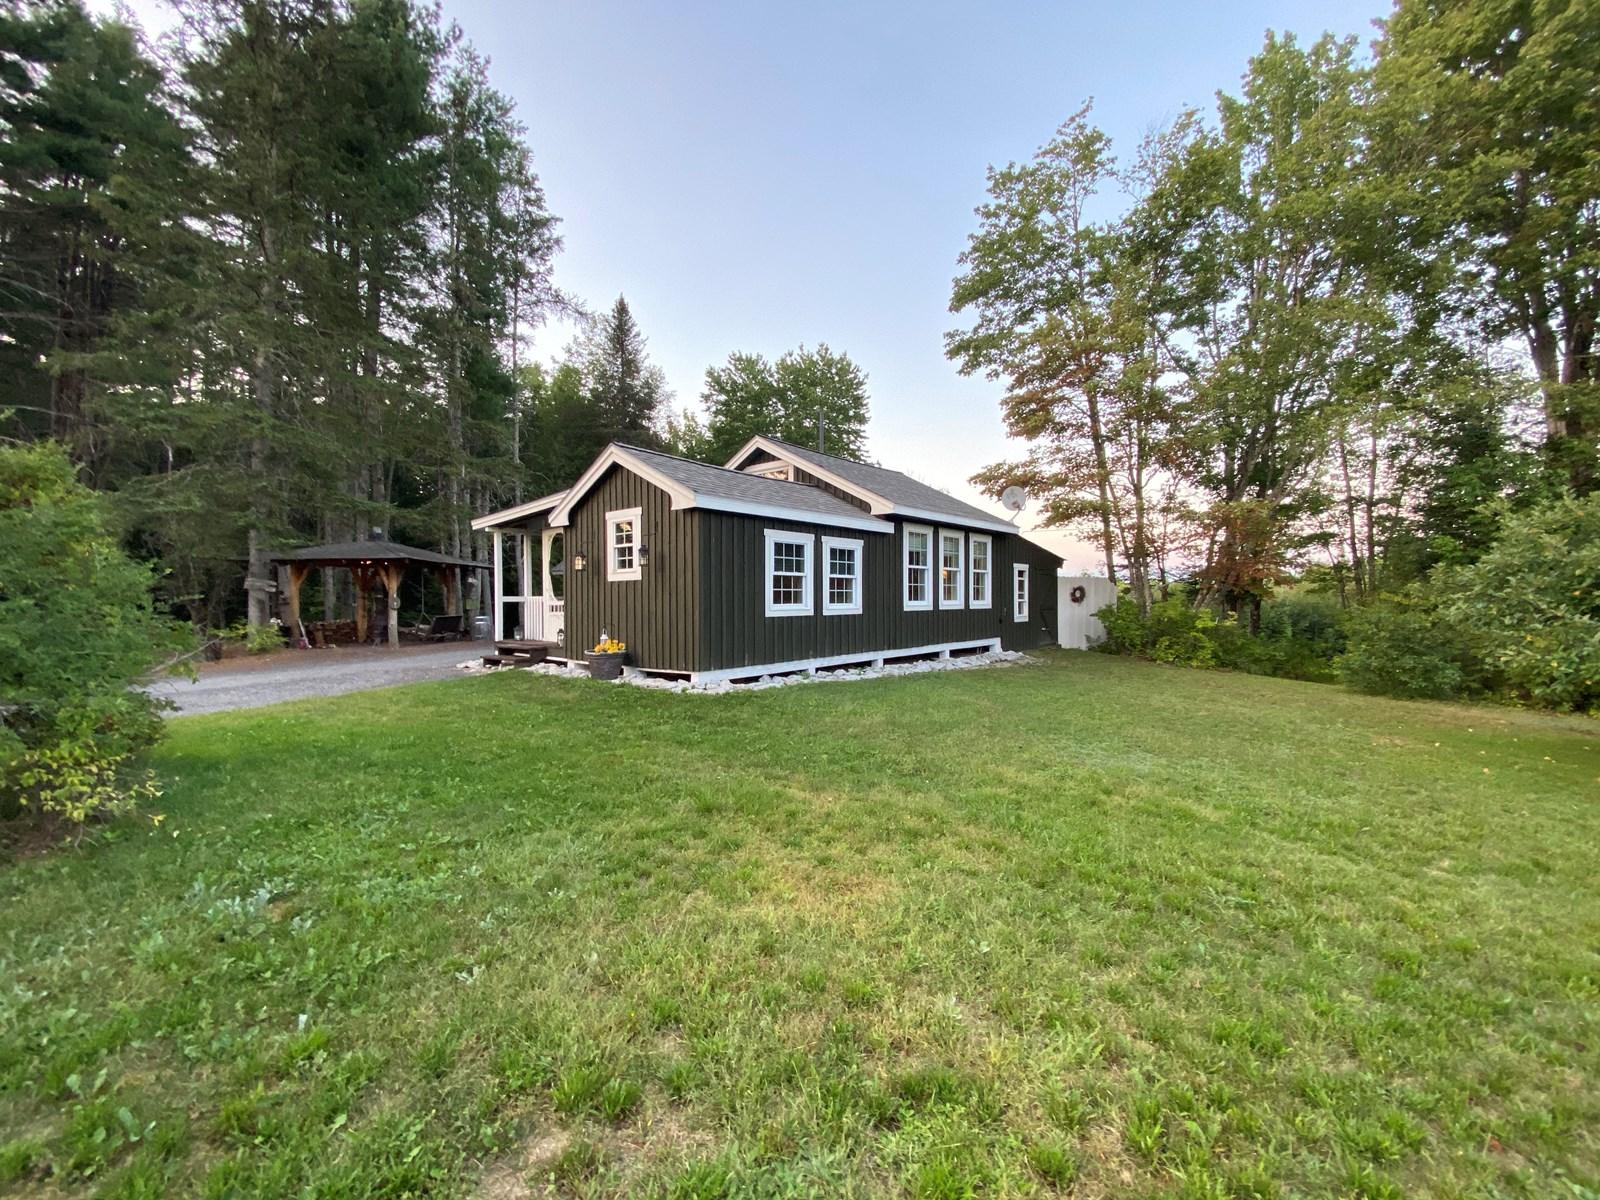 Modern farmhouse tiny home for sale